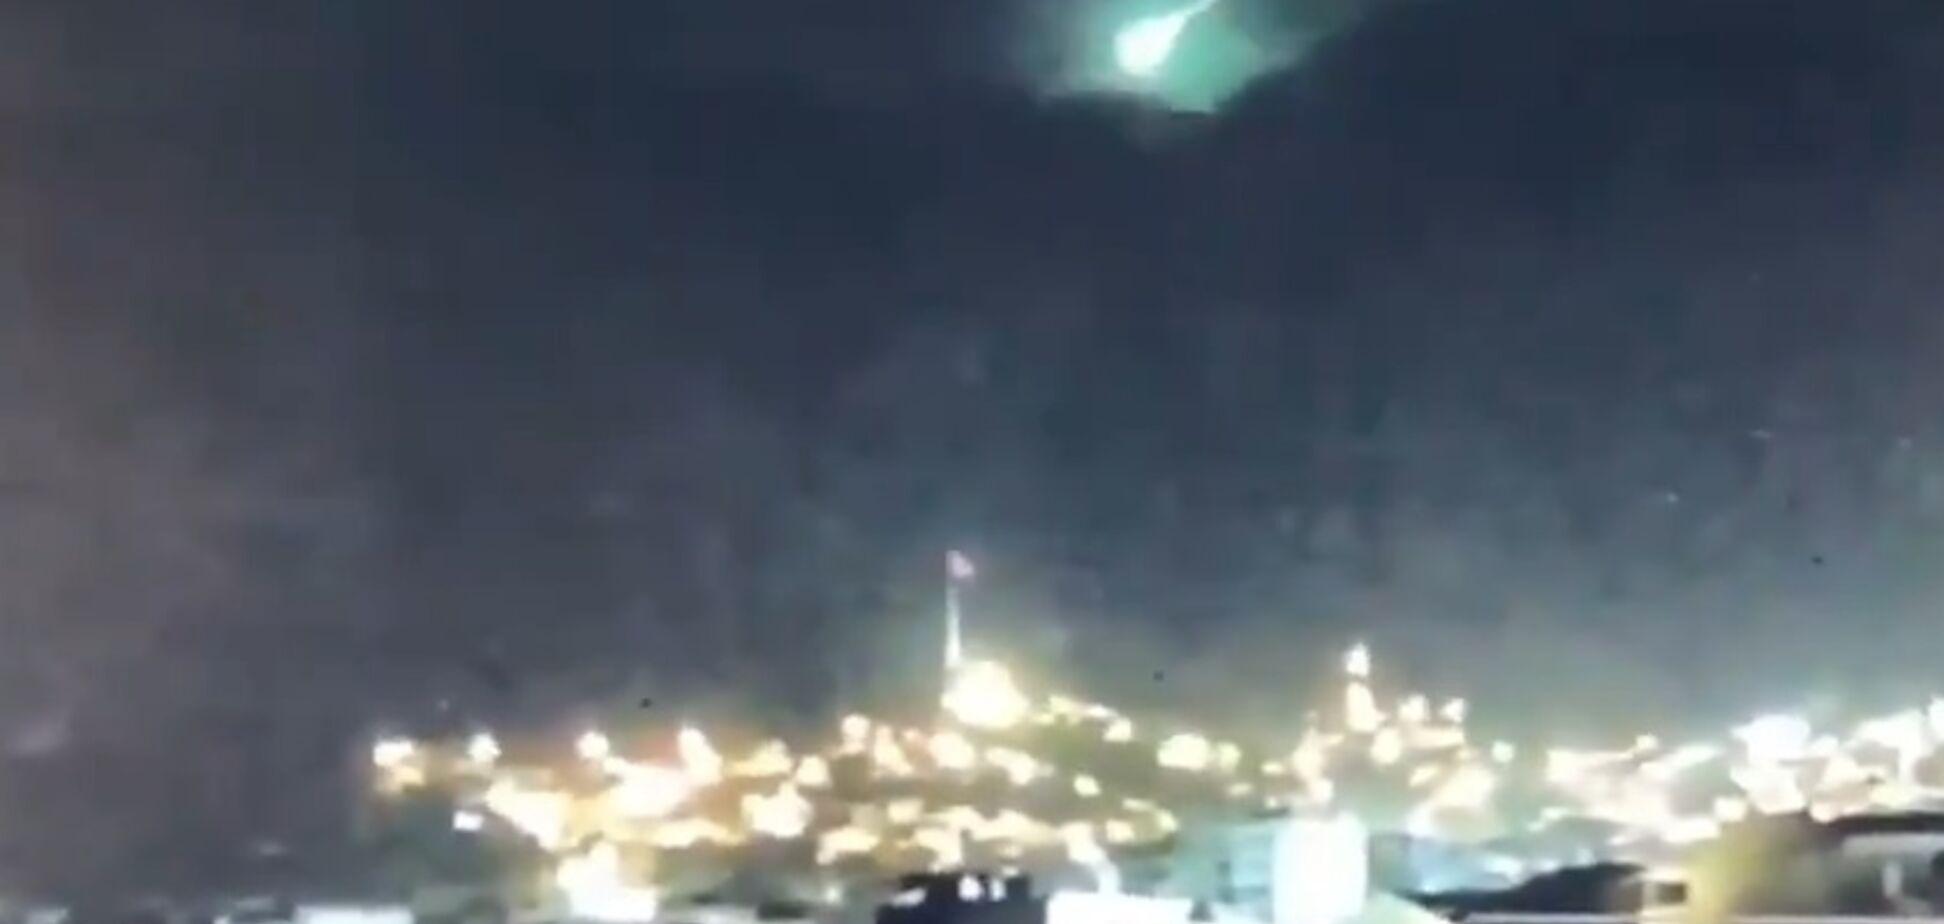 В США пролет метеорита зафиксировали на камеру